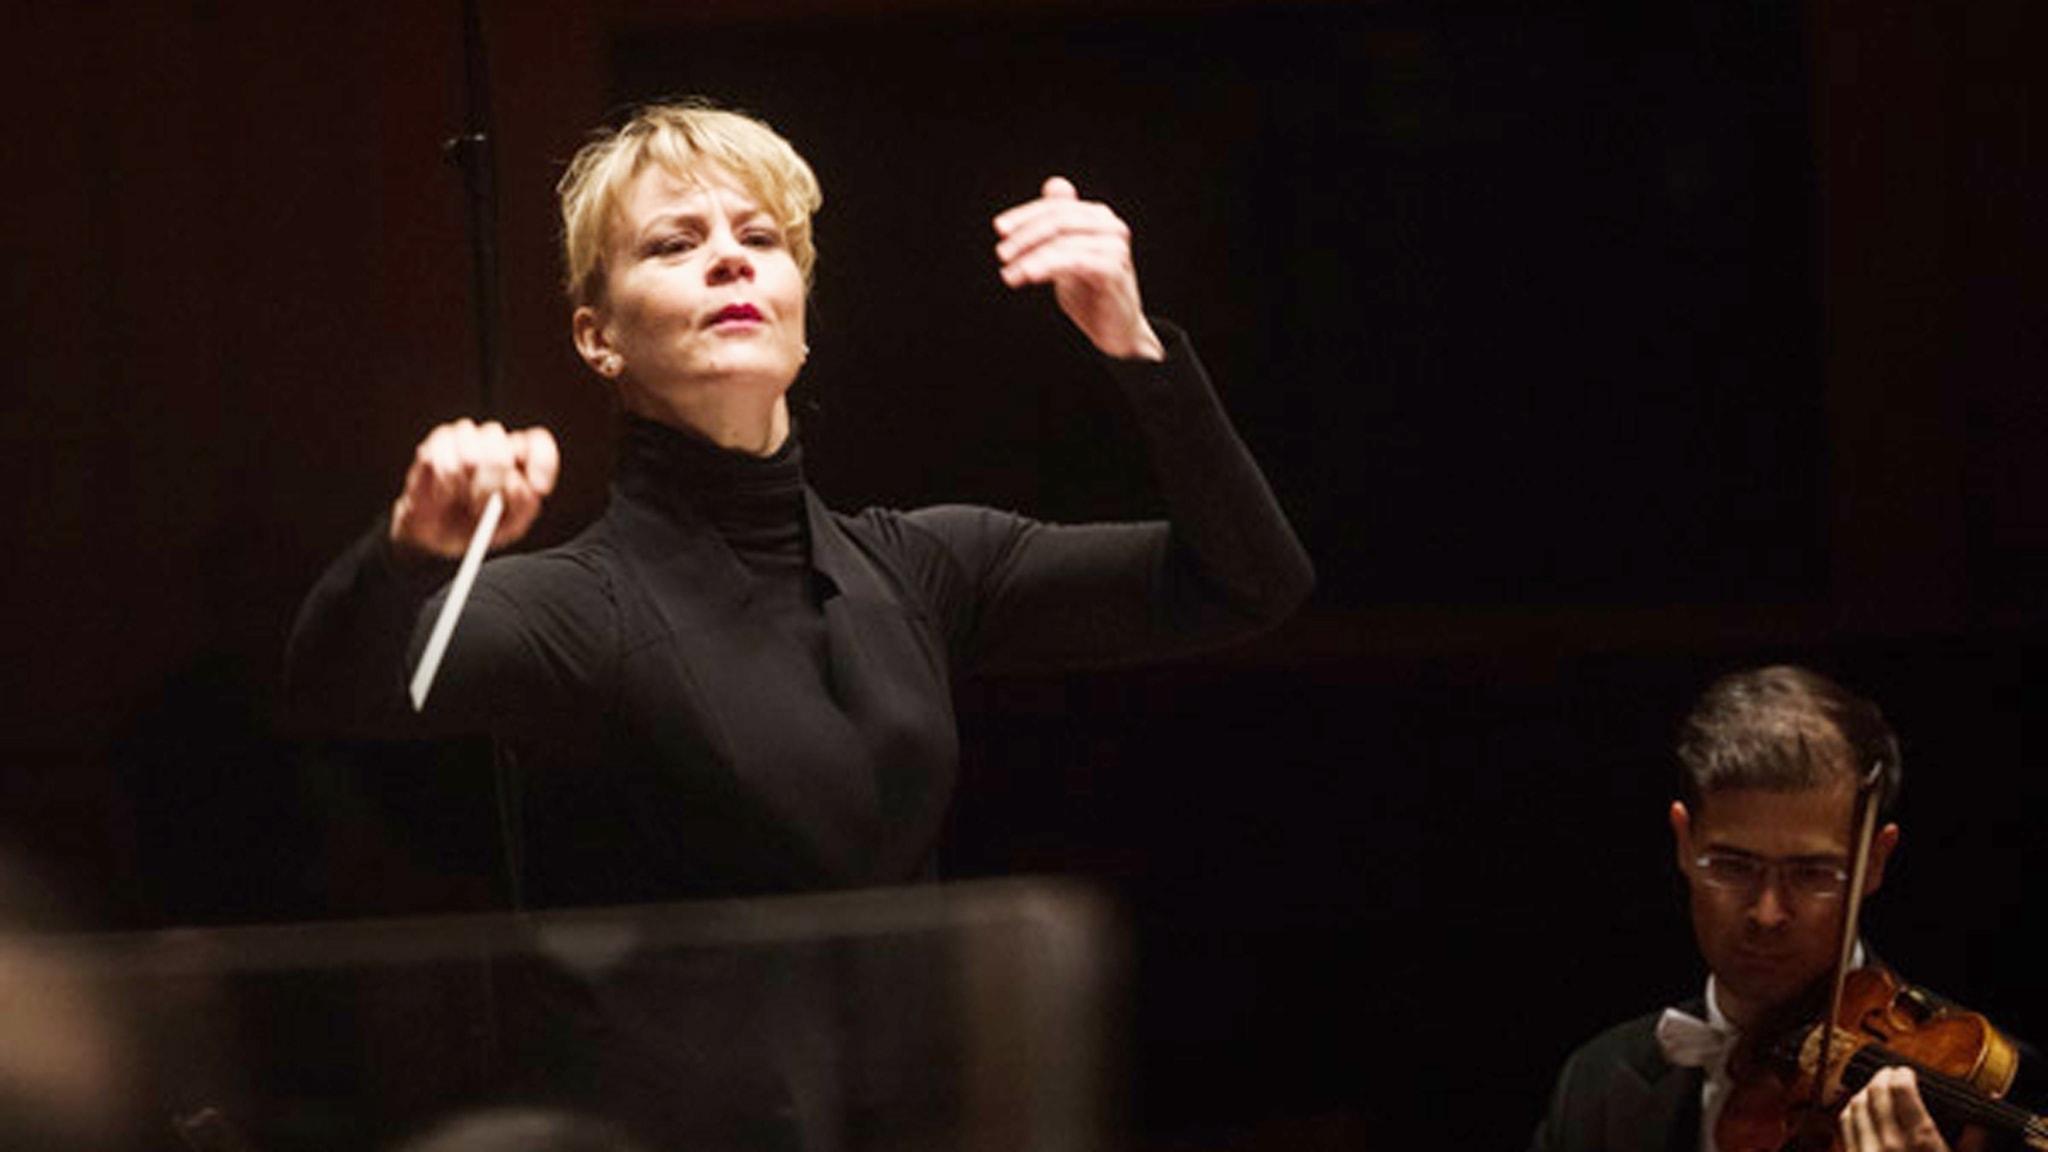 Det finska dirigentundret